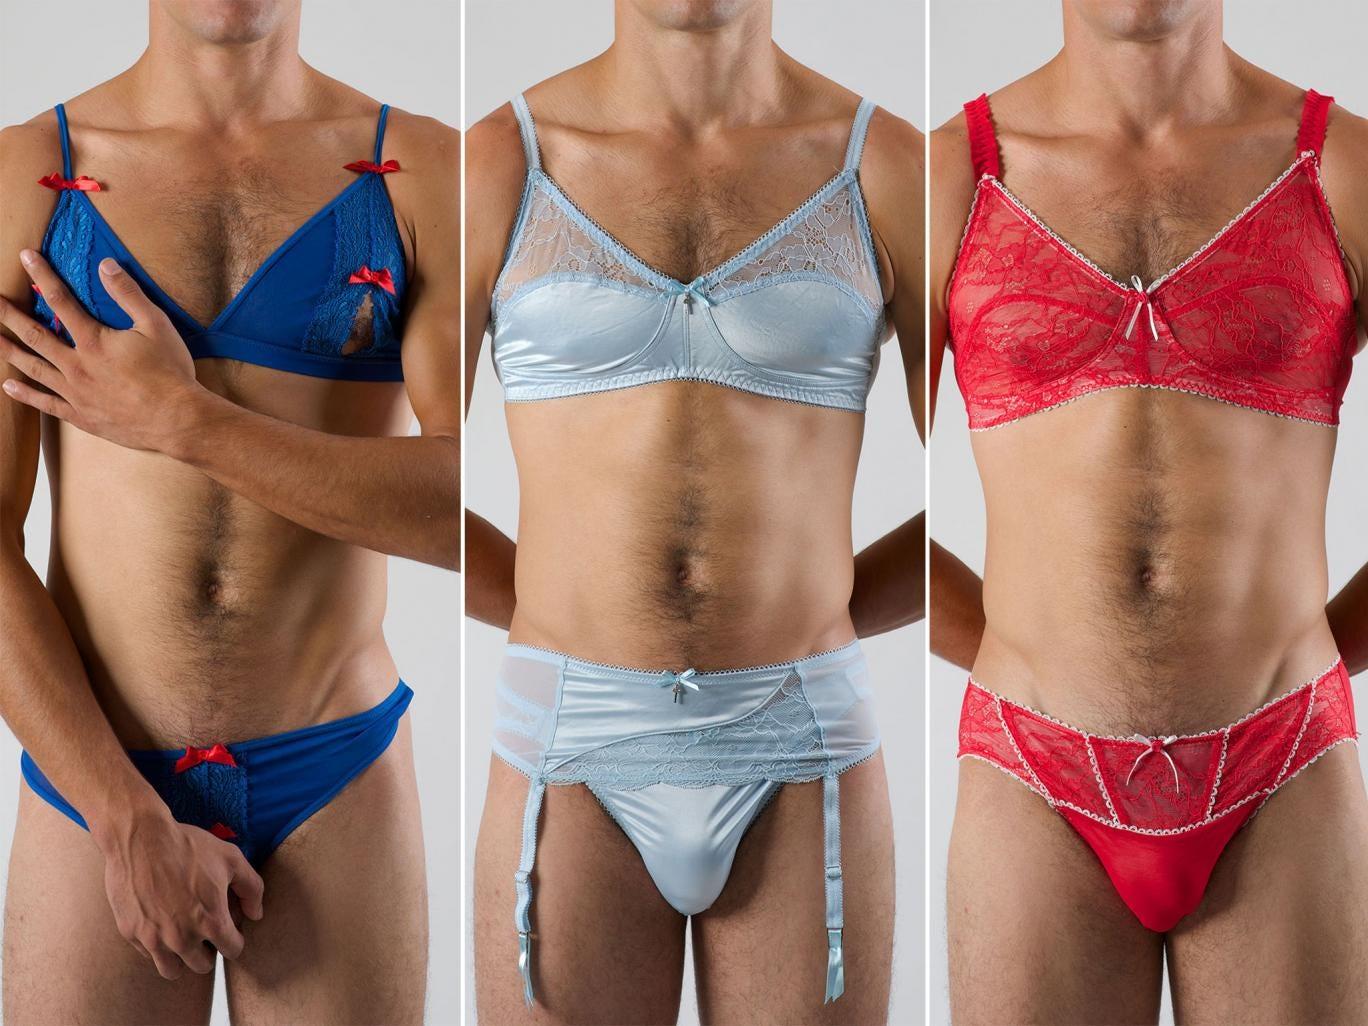 Смотреть бесплатно мальчики в женском белье 7 фотография